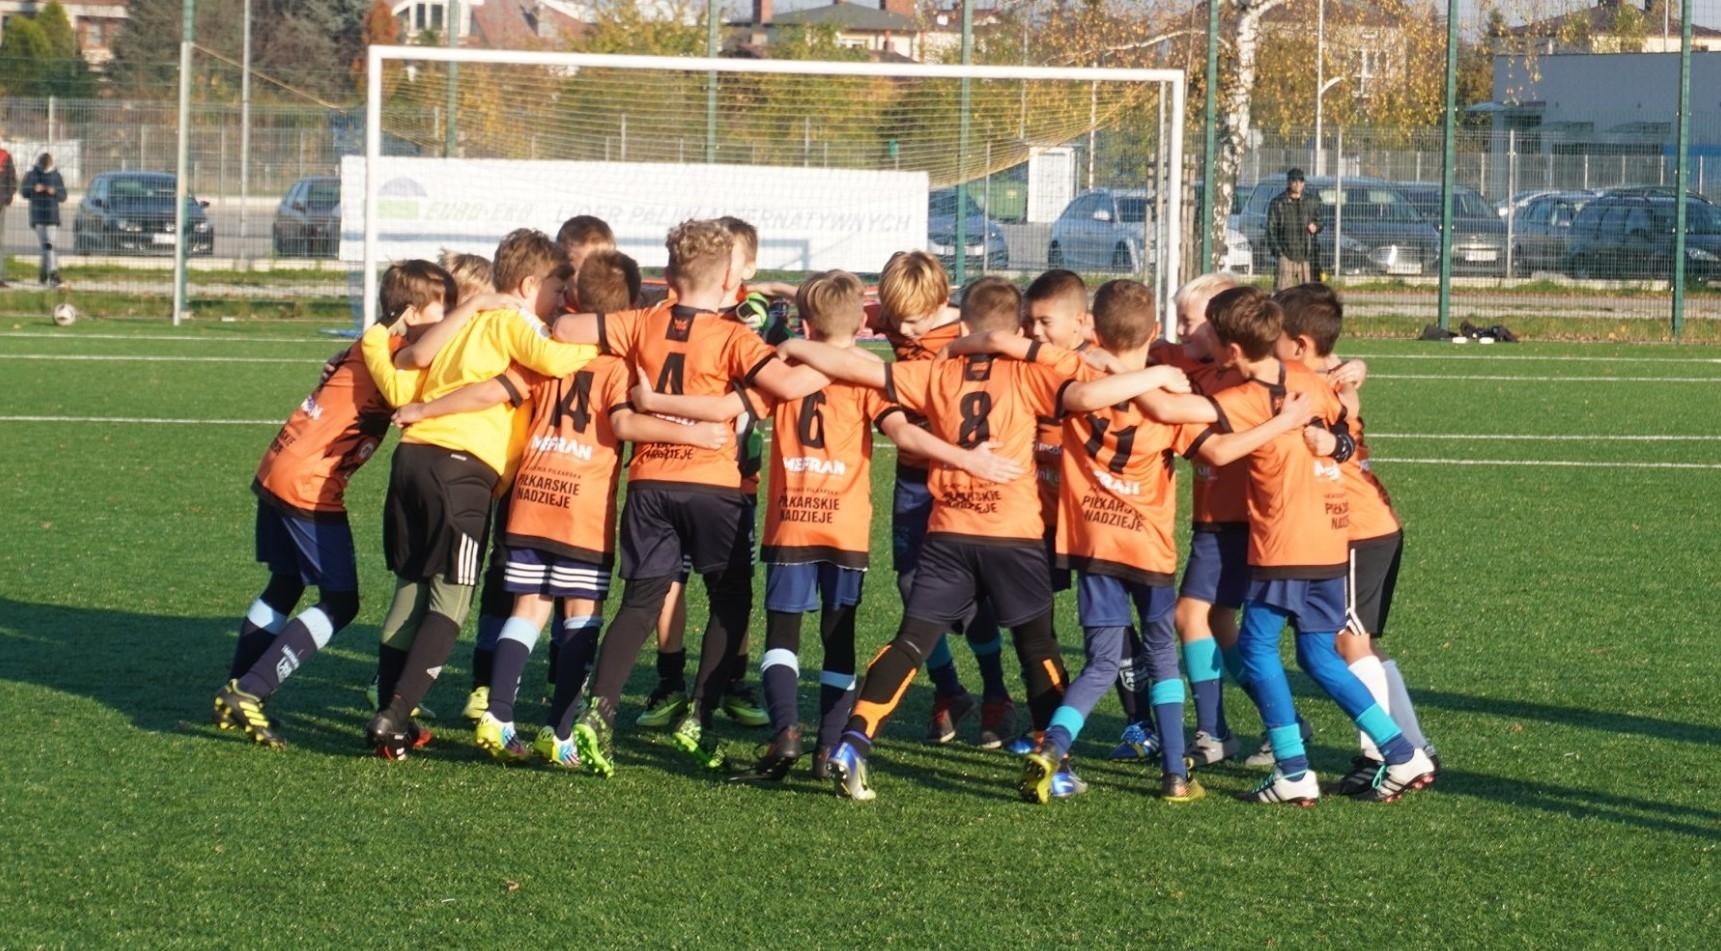 Turniej Orlika Młodszego w Mielcu. Bez publiczności ale z emocjami [FOTO] - Zdjęcie główne